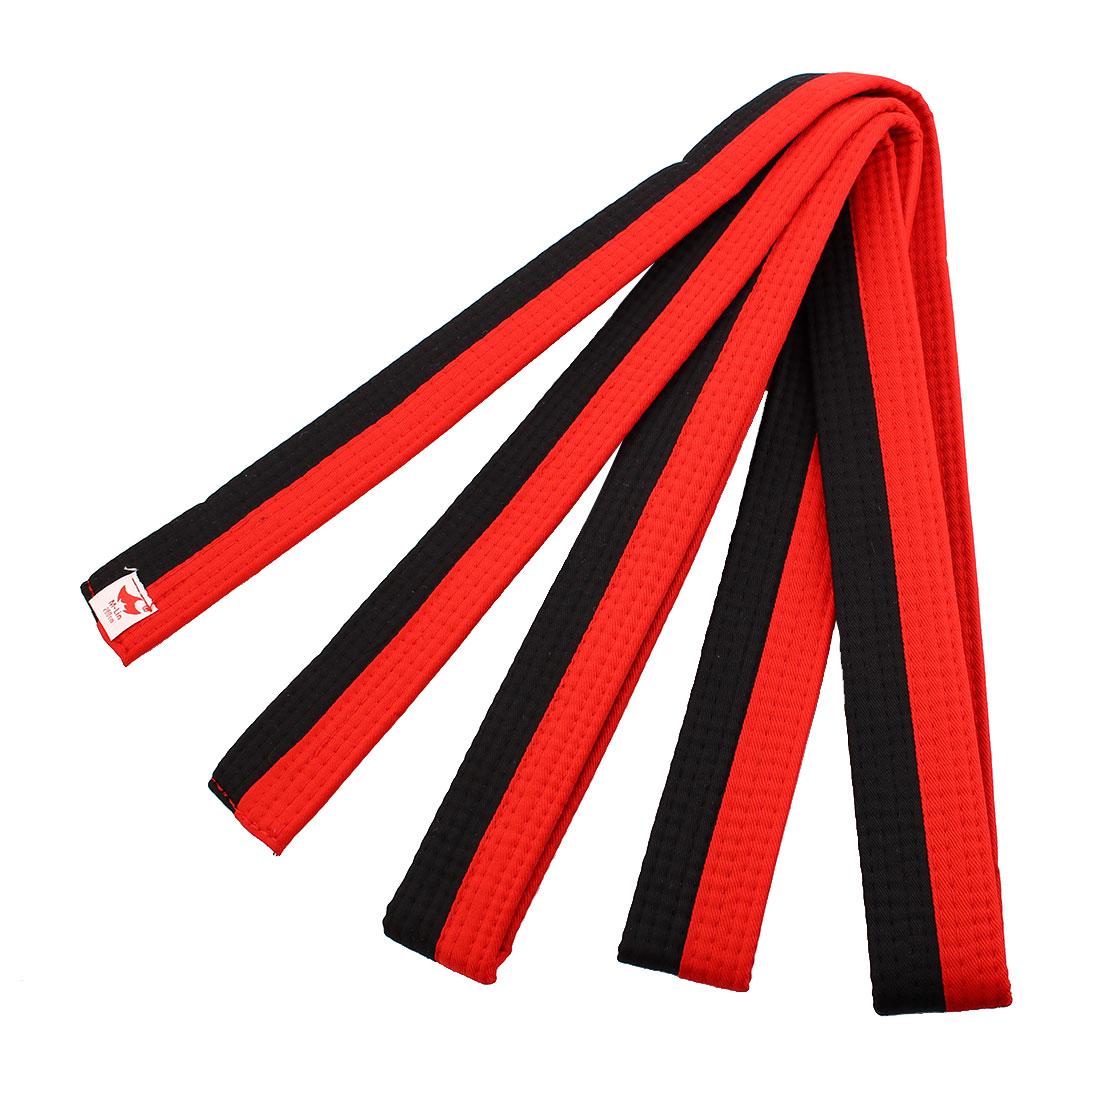 Master Martial Arts Band Judo Wrap Taekwondo Uniform Belt Red Black 280cm Length